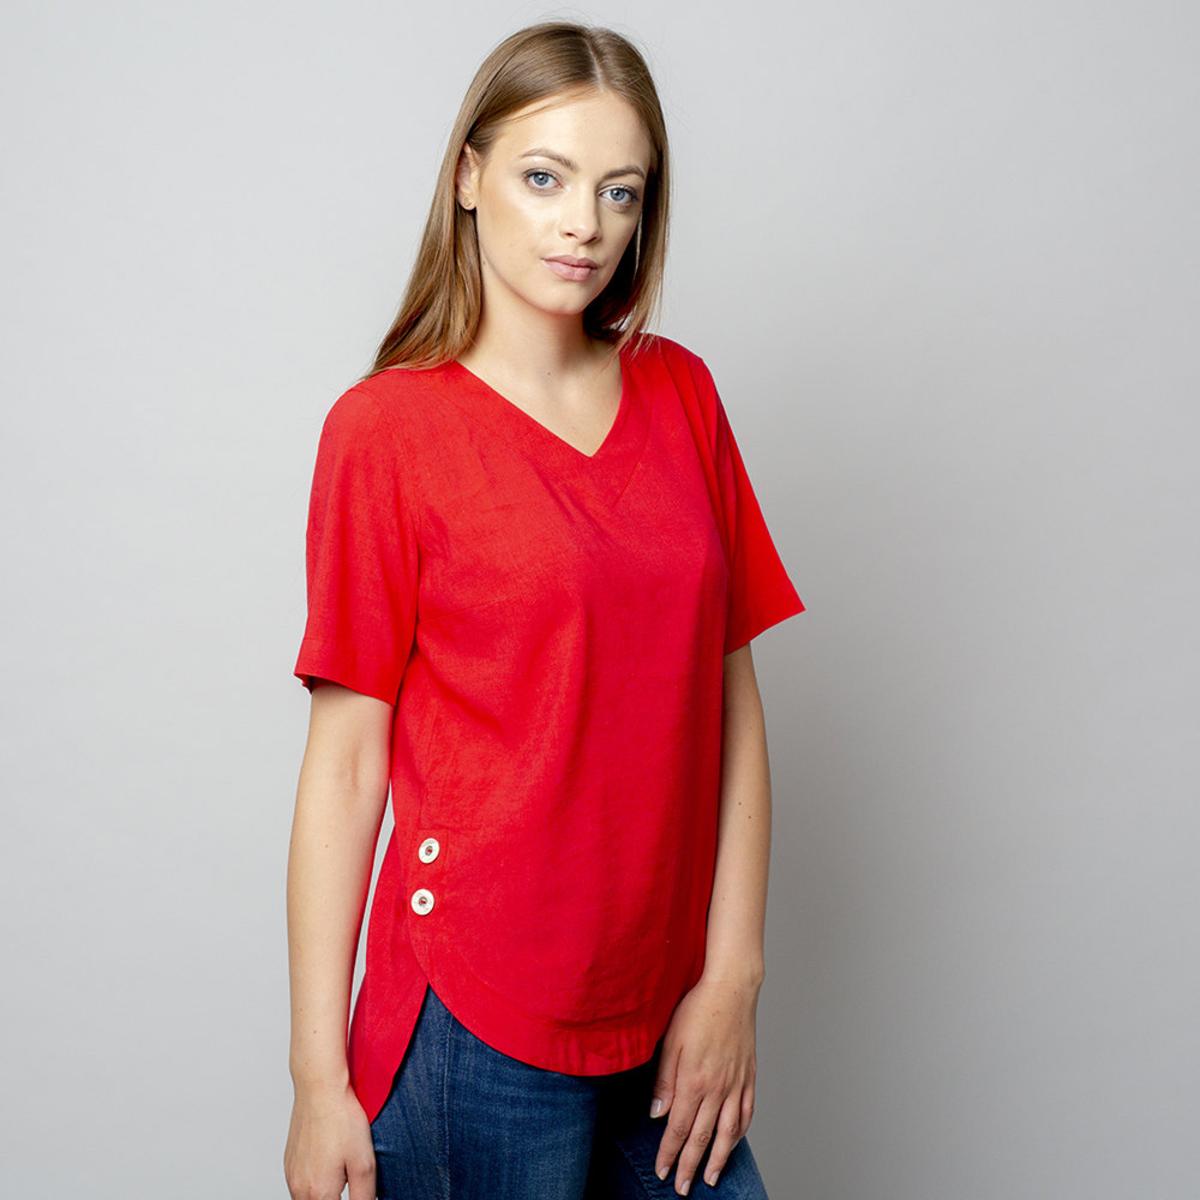 Dámske tričko červenej farby s prídavkom ľanu 10910 34